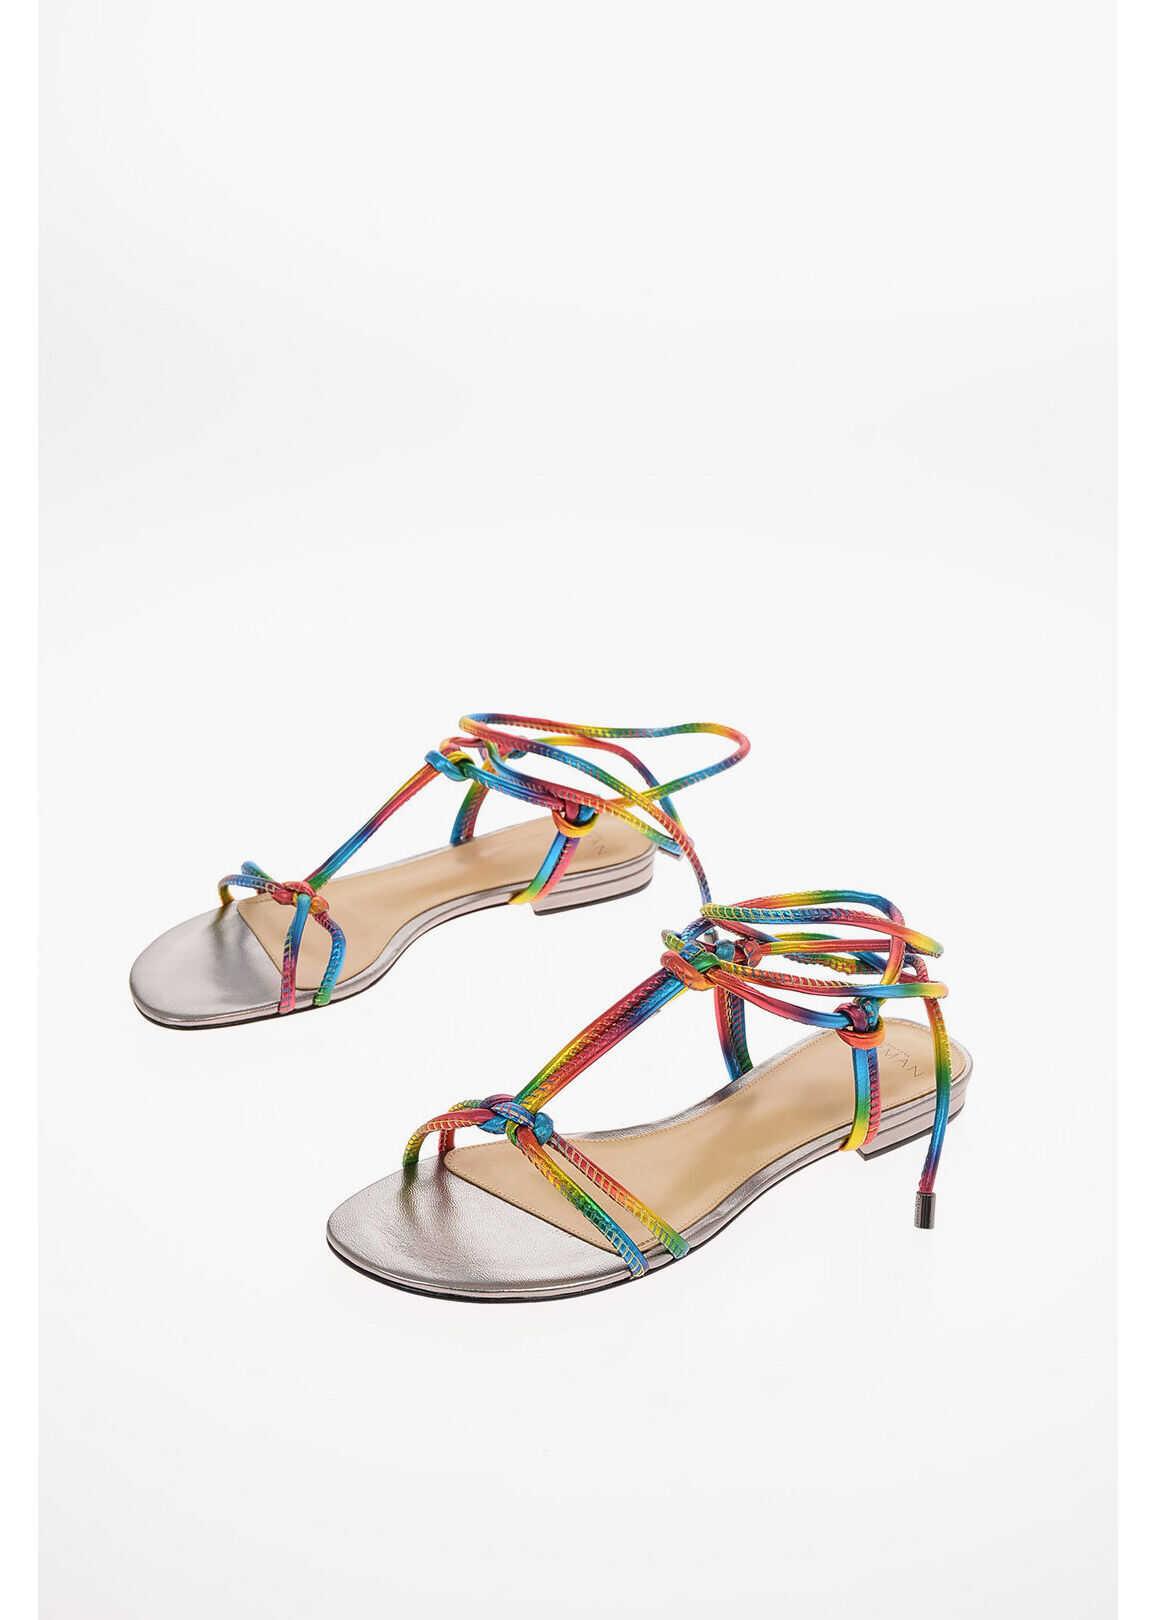 Alexandre Birman leather Lace Up REBECCA T-strap sandals MULTICOLOR imagine b-mall.ro